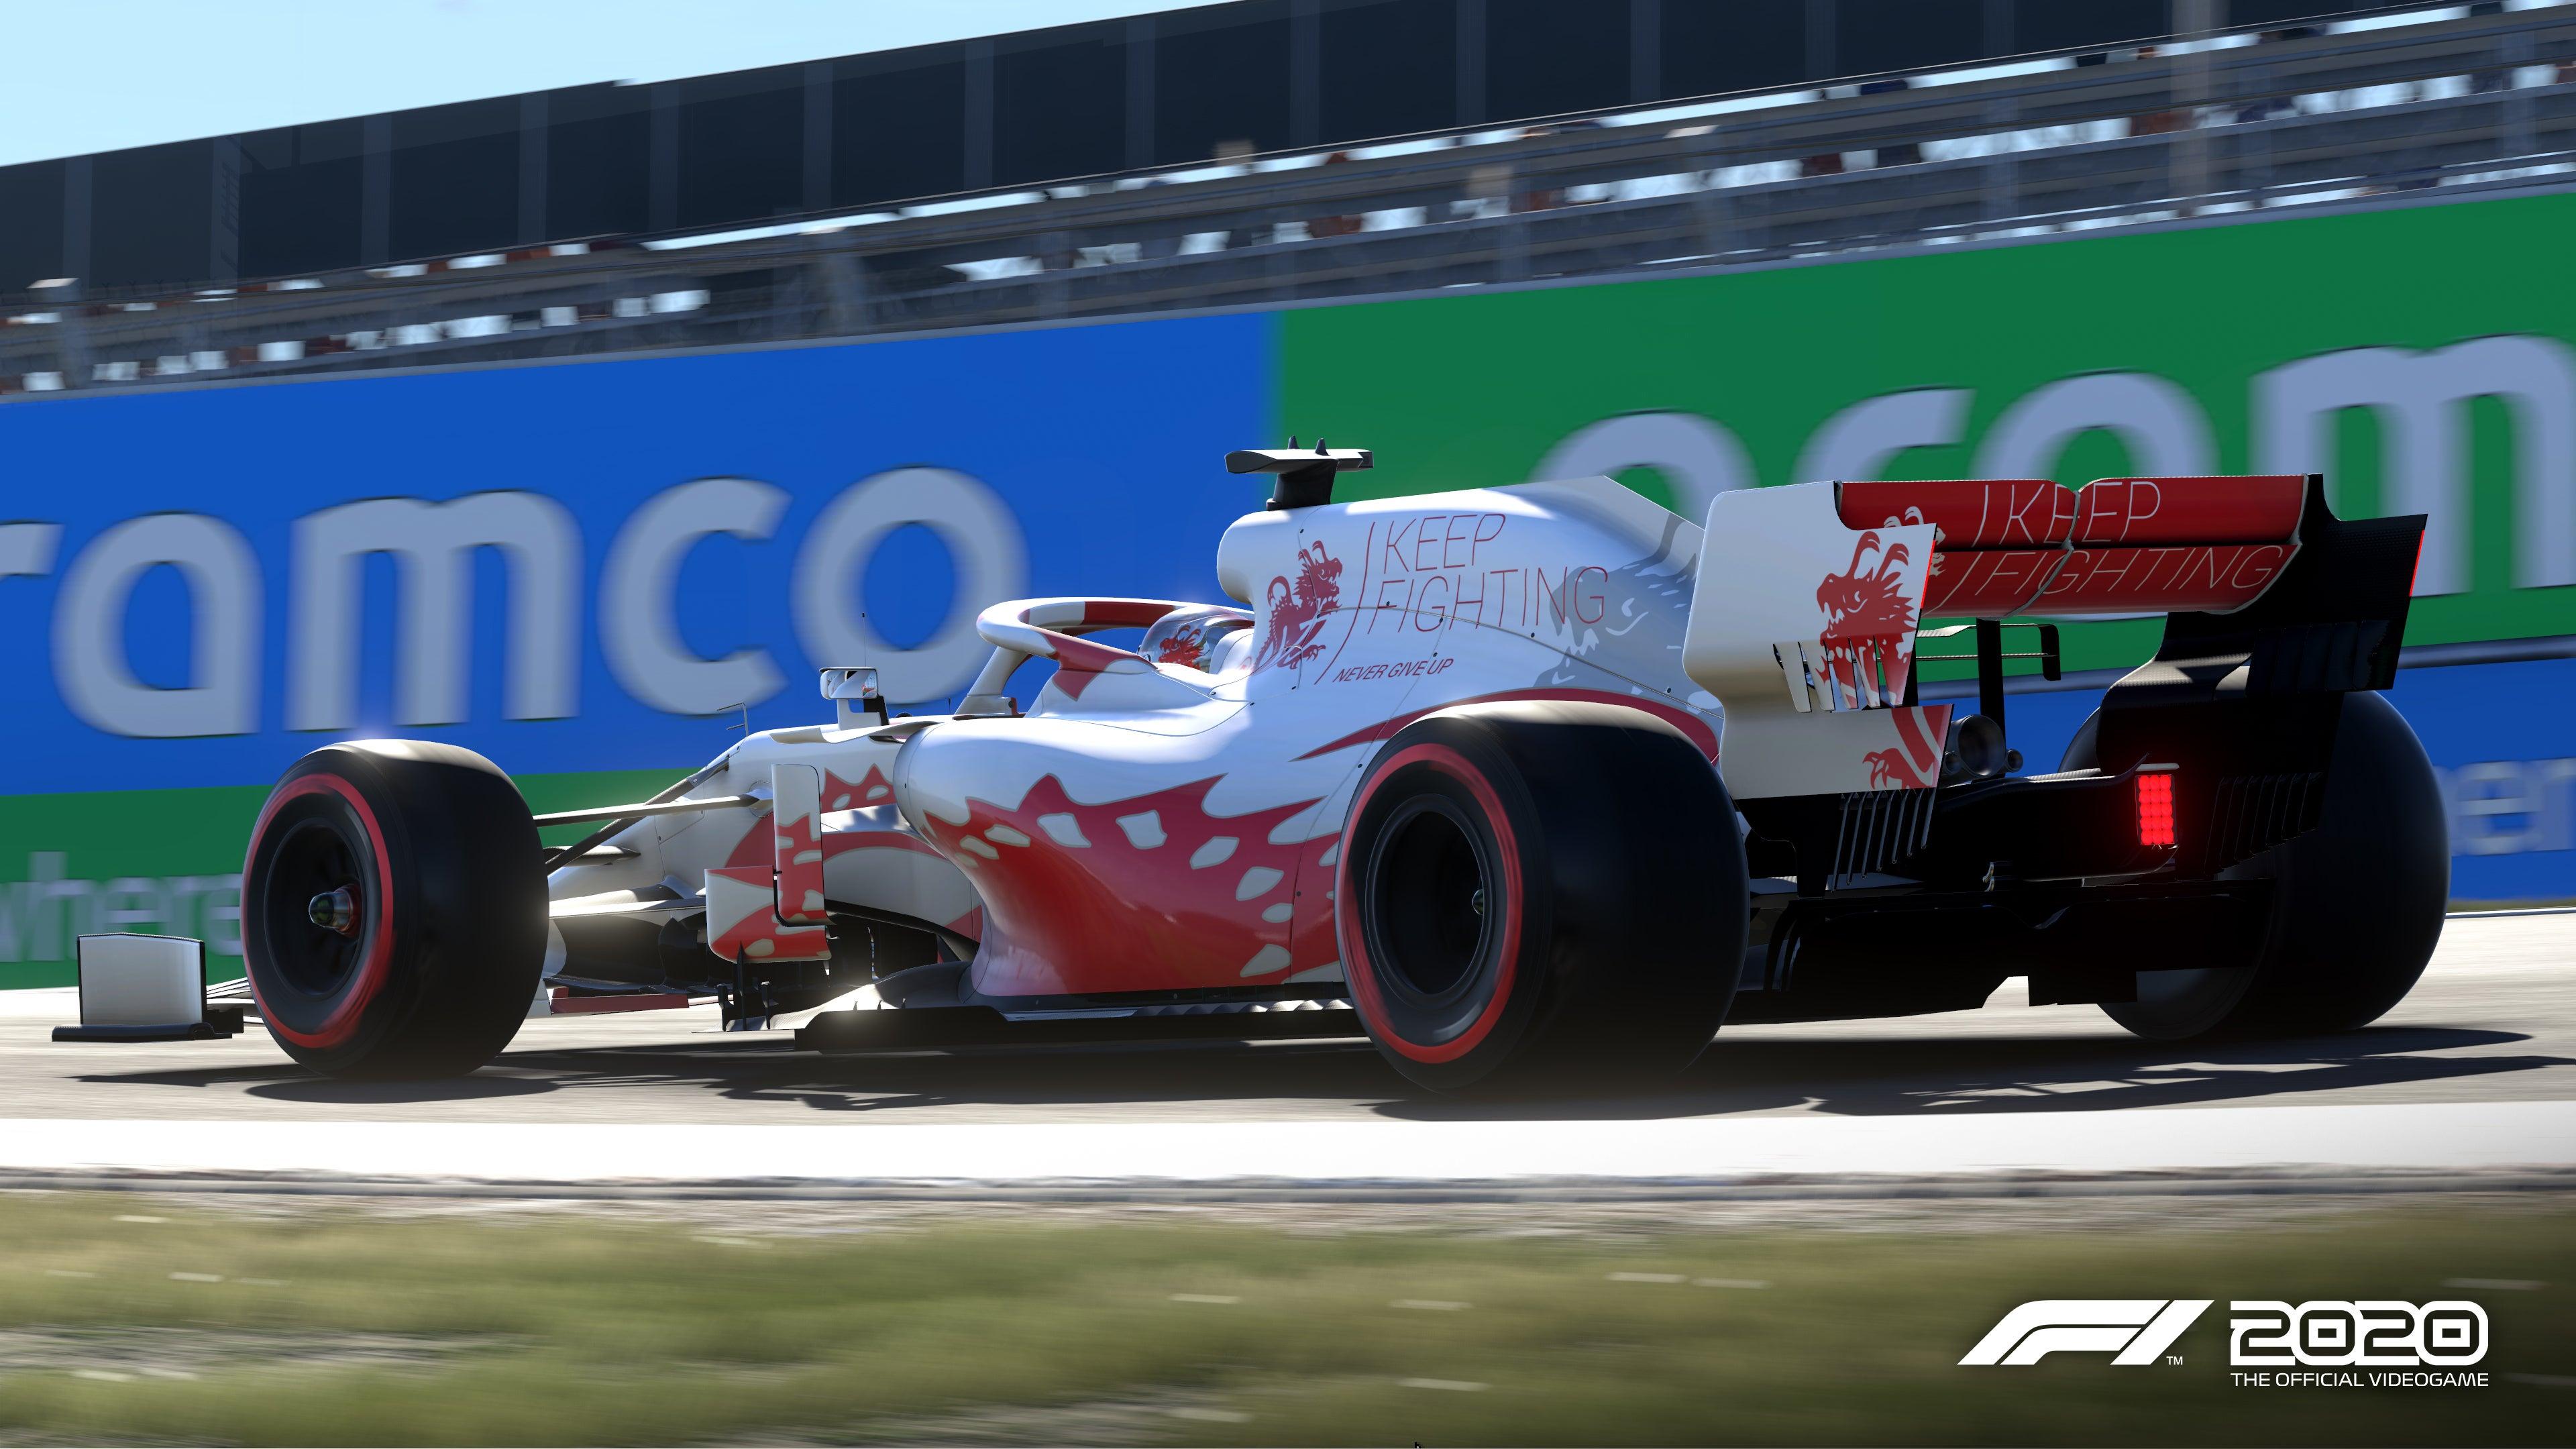 F1 2020 gets Schumi Keep Fighting DLC